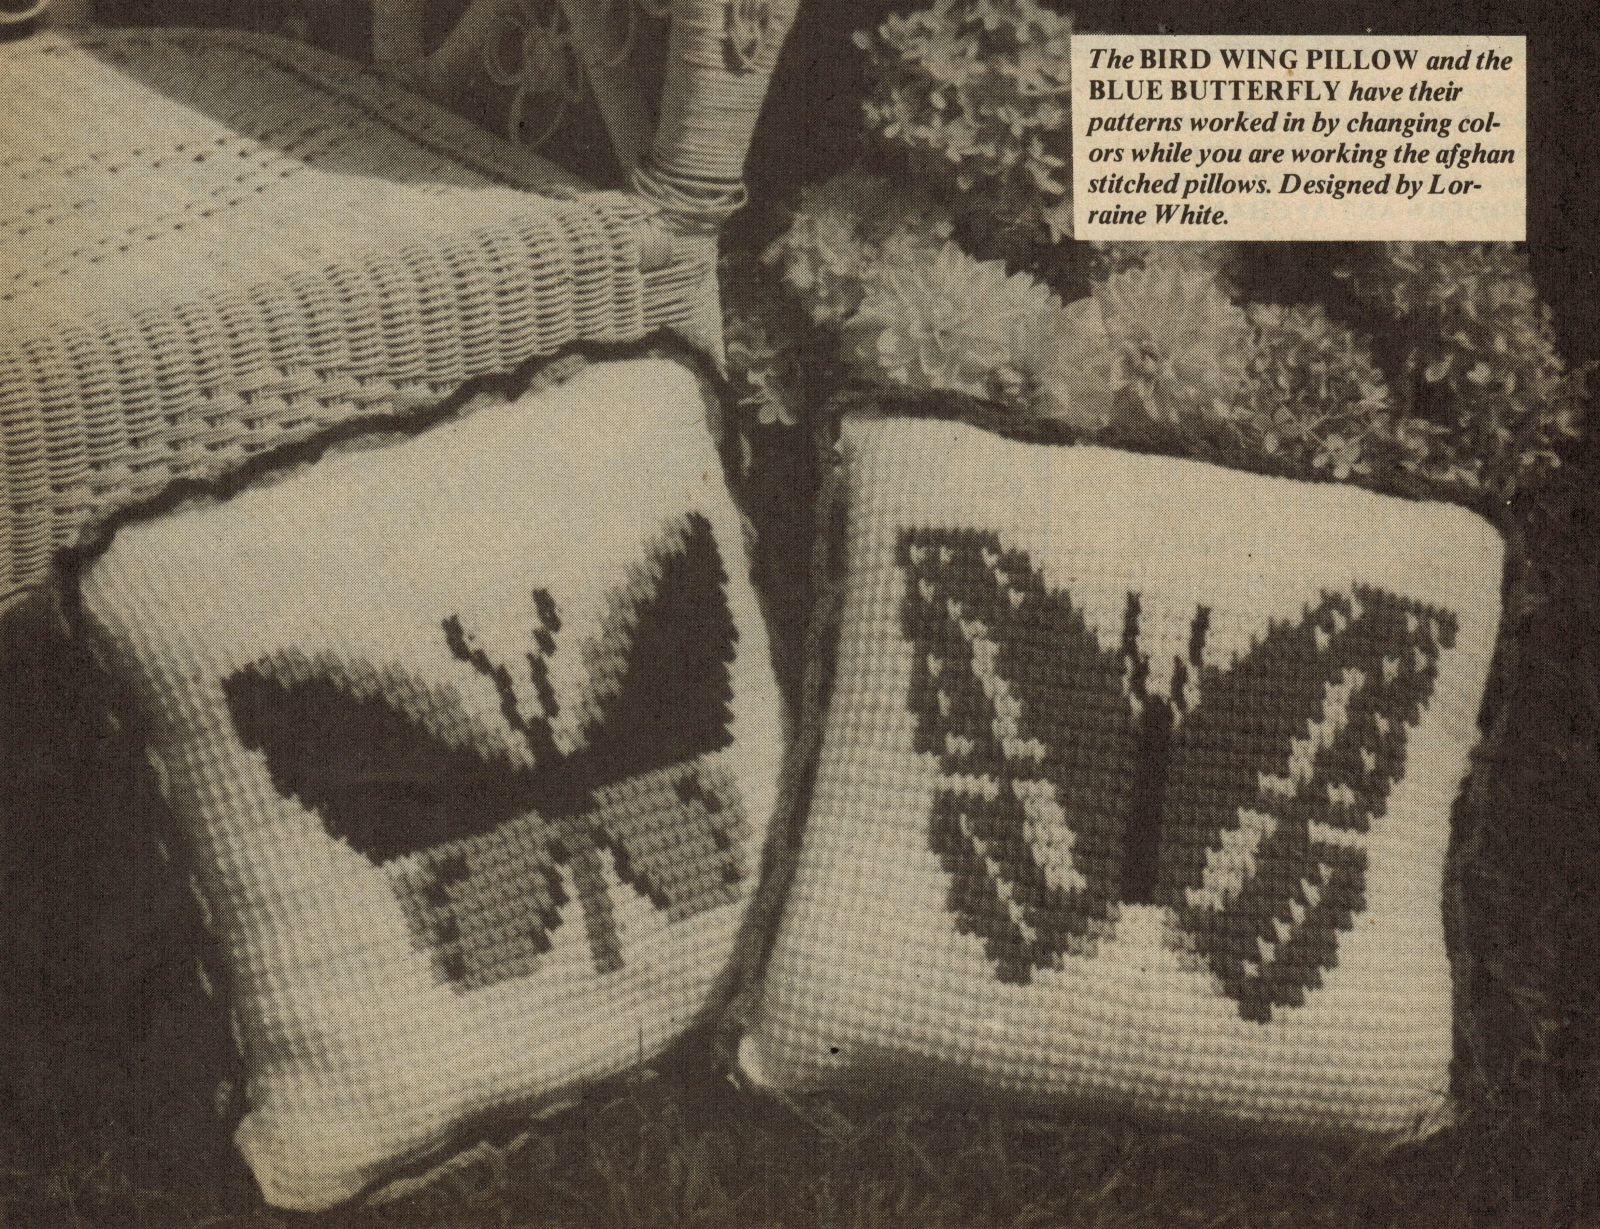 4X Butterfly Table Skirt Mat Pillows Dogwood Pillow Filet Crochet Patterns image 3